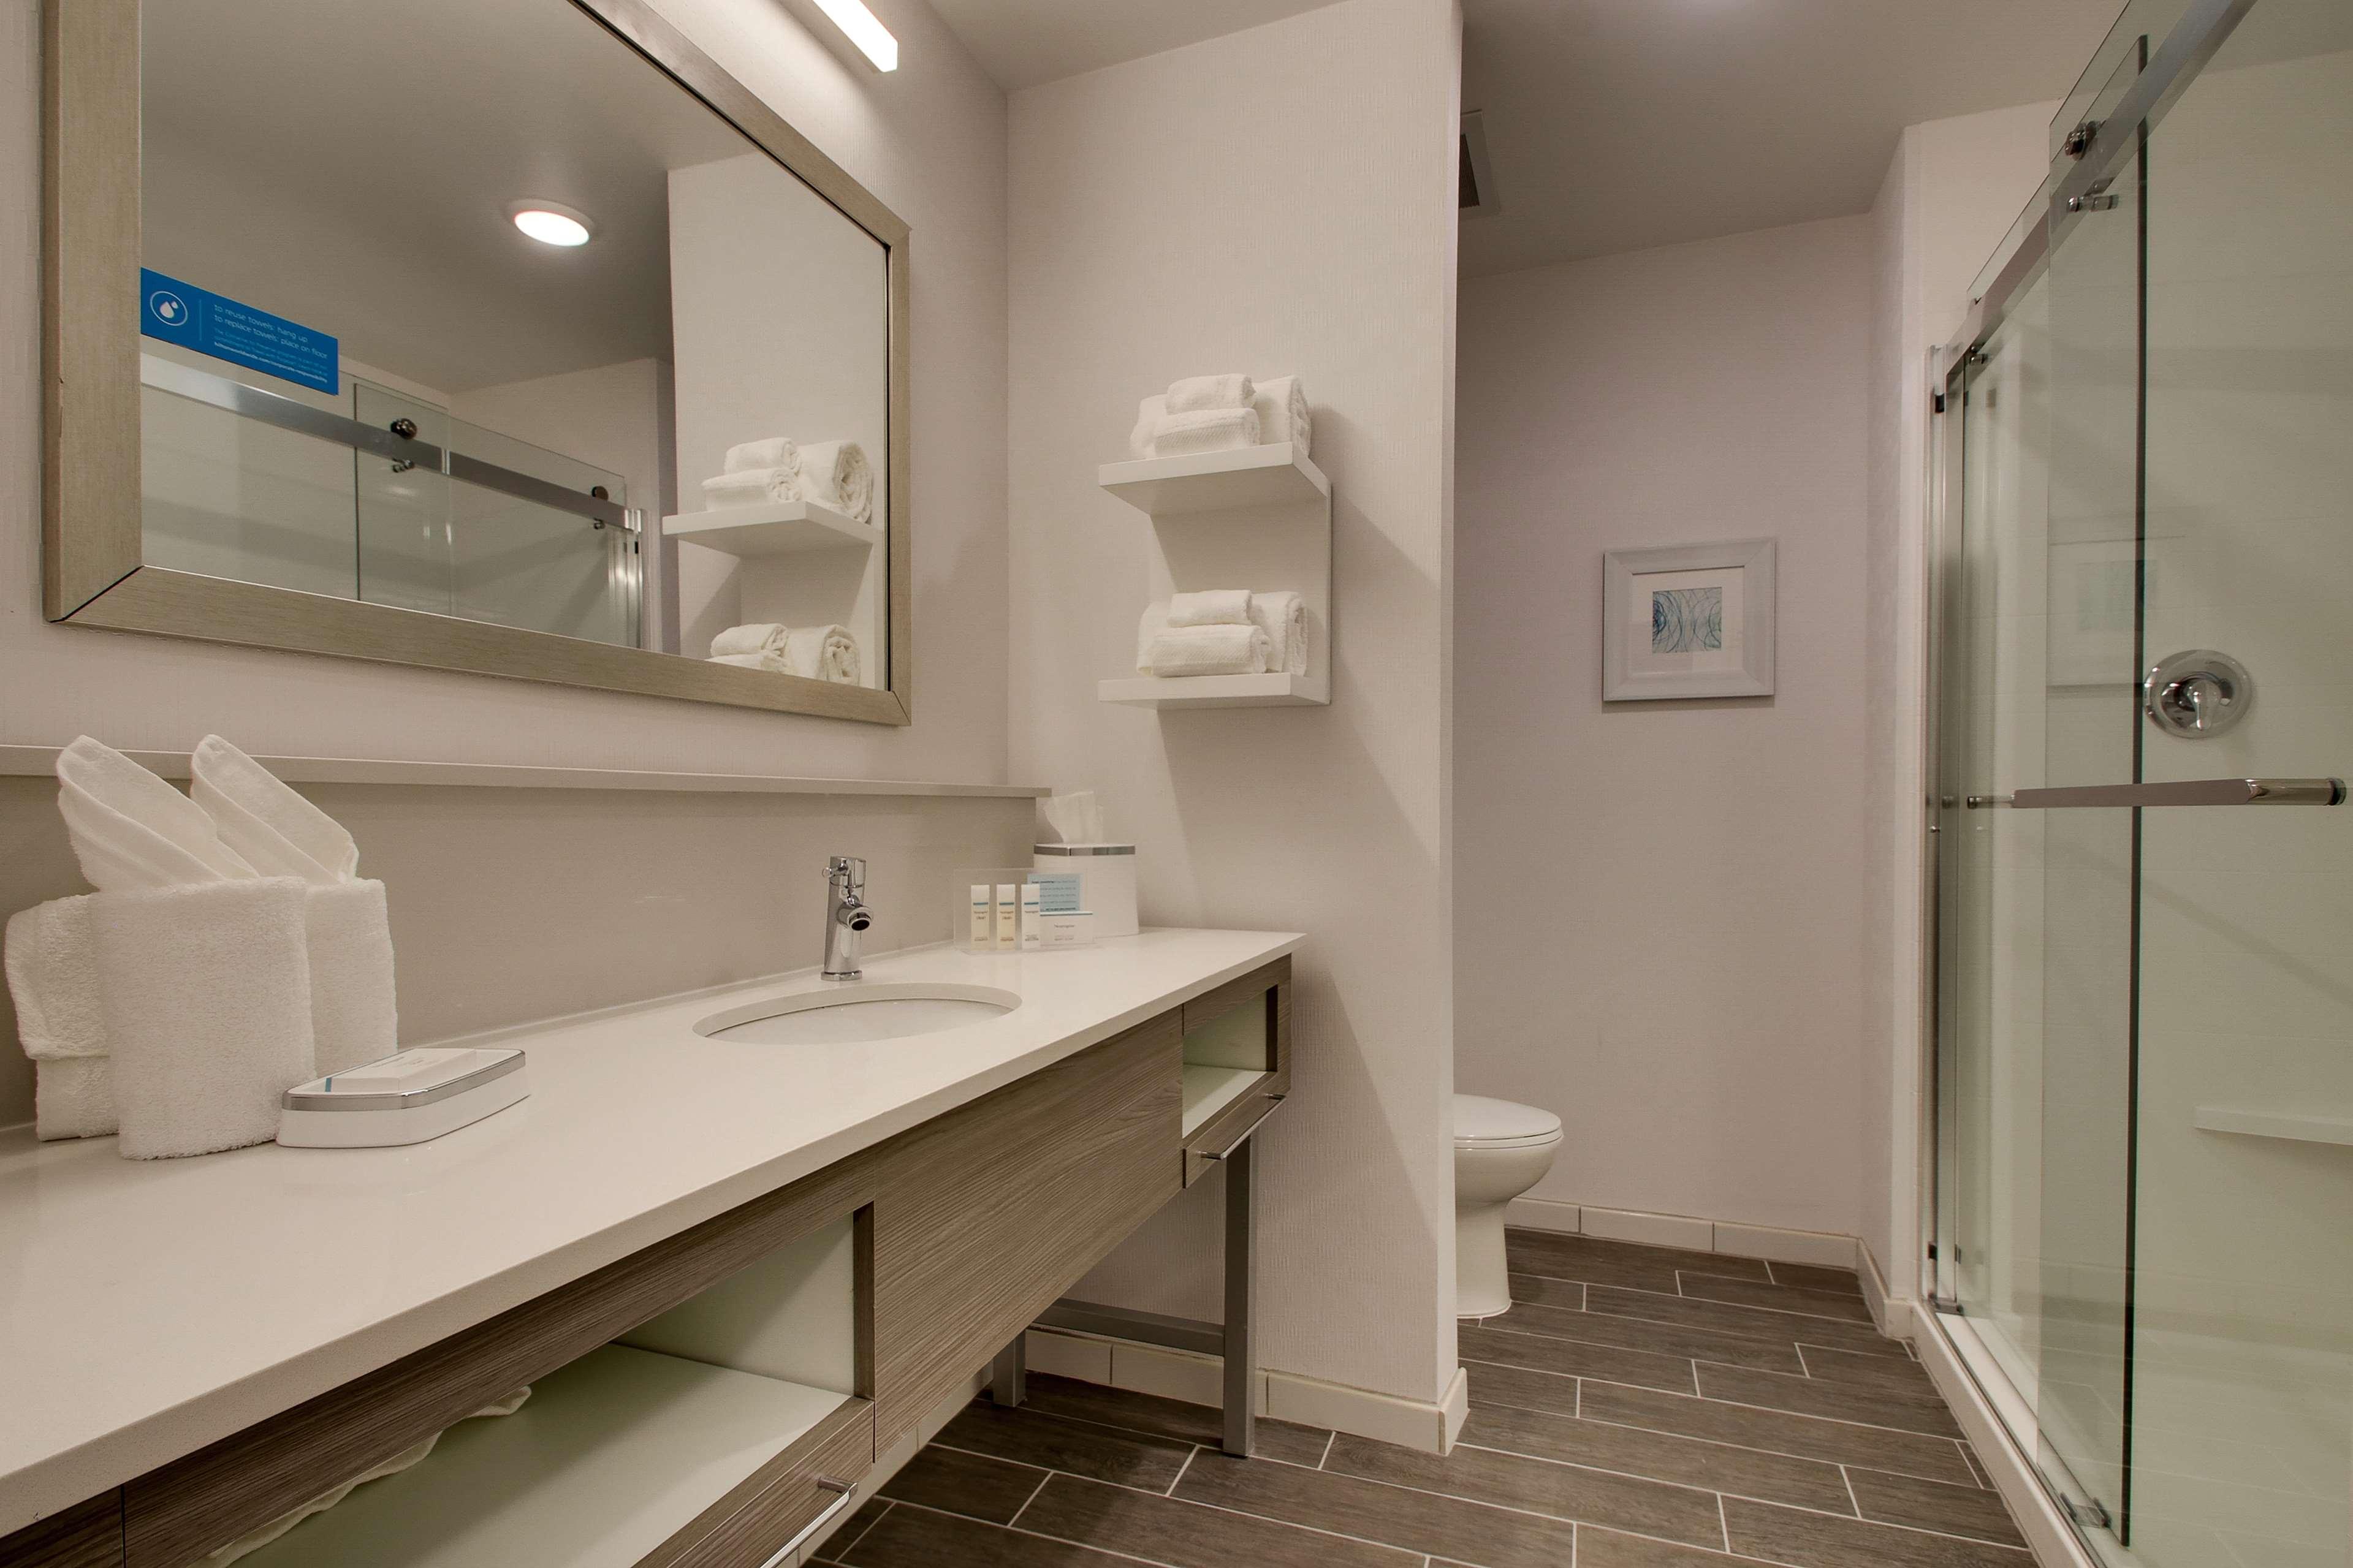 Hampton Inn & Suites Knightdale Raleigh image 41